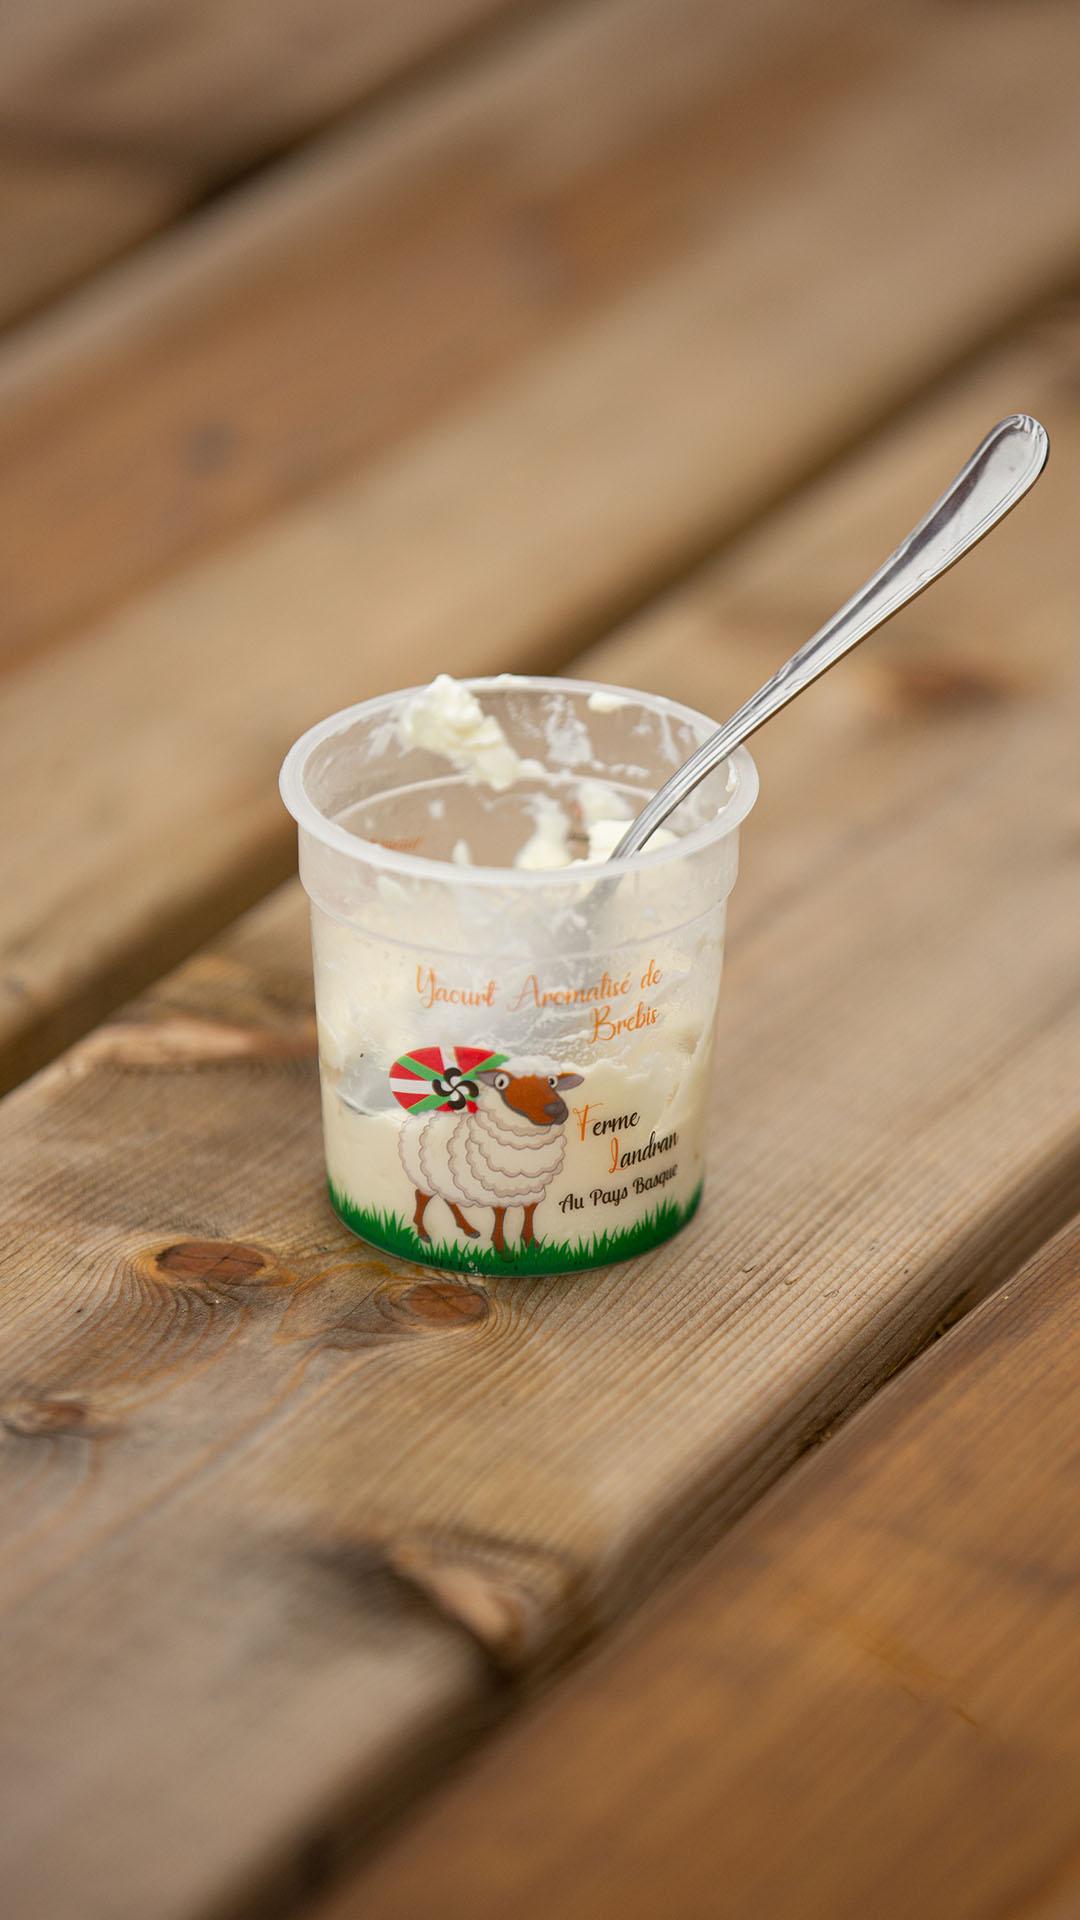 Yaourts de lait de brebis à la Ferme Landran